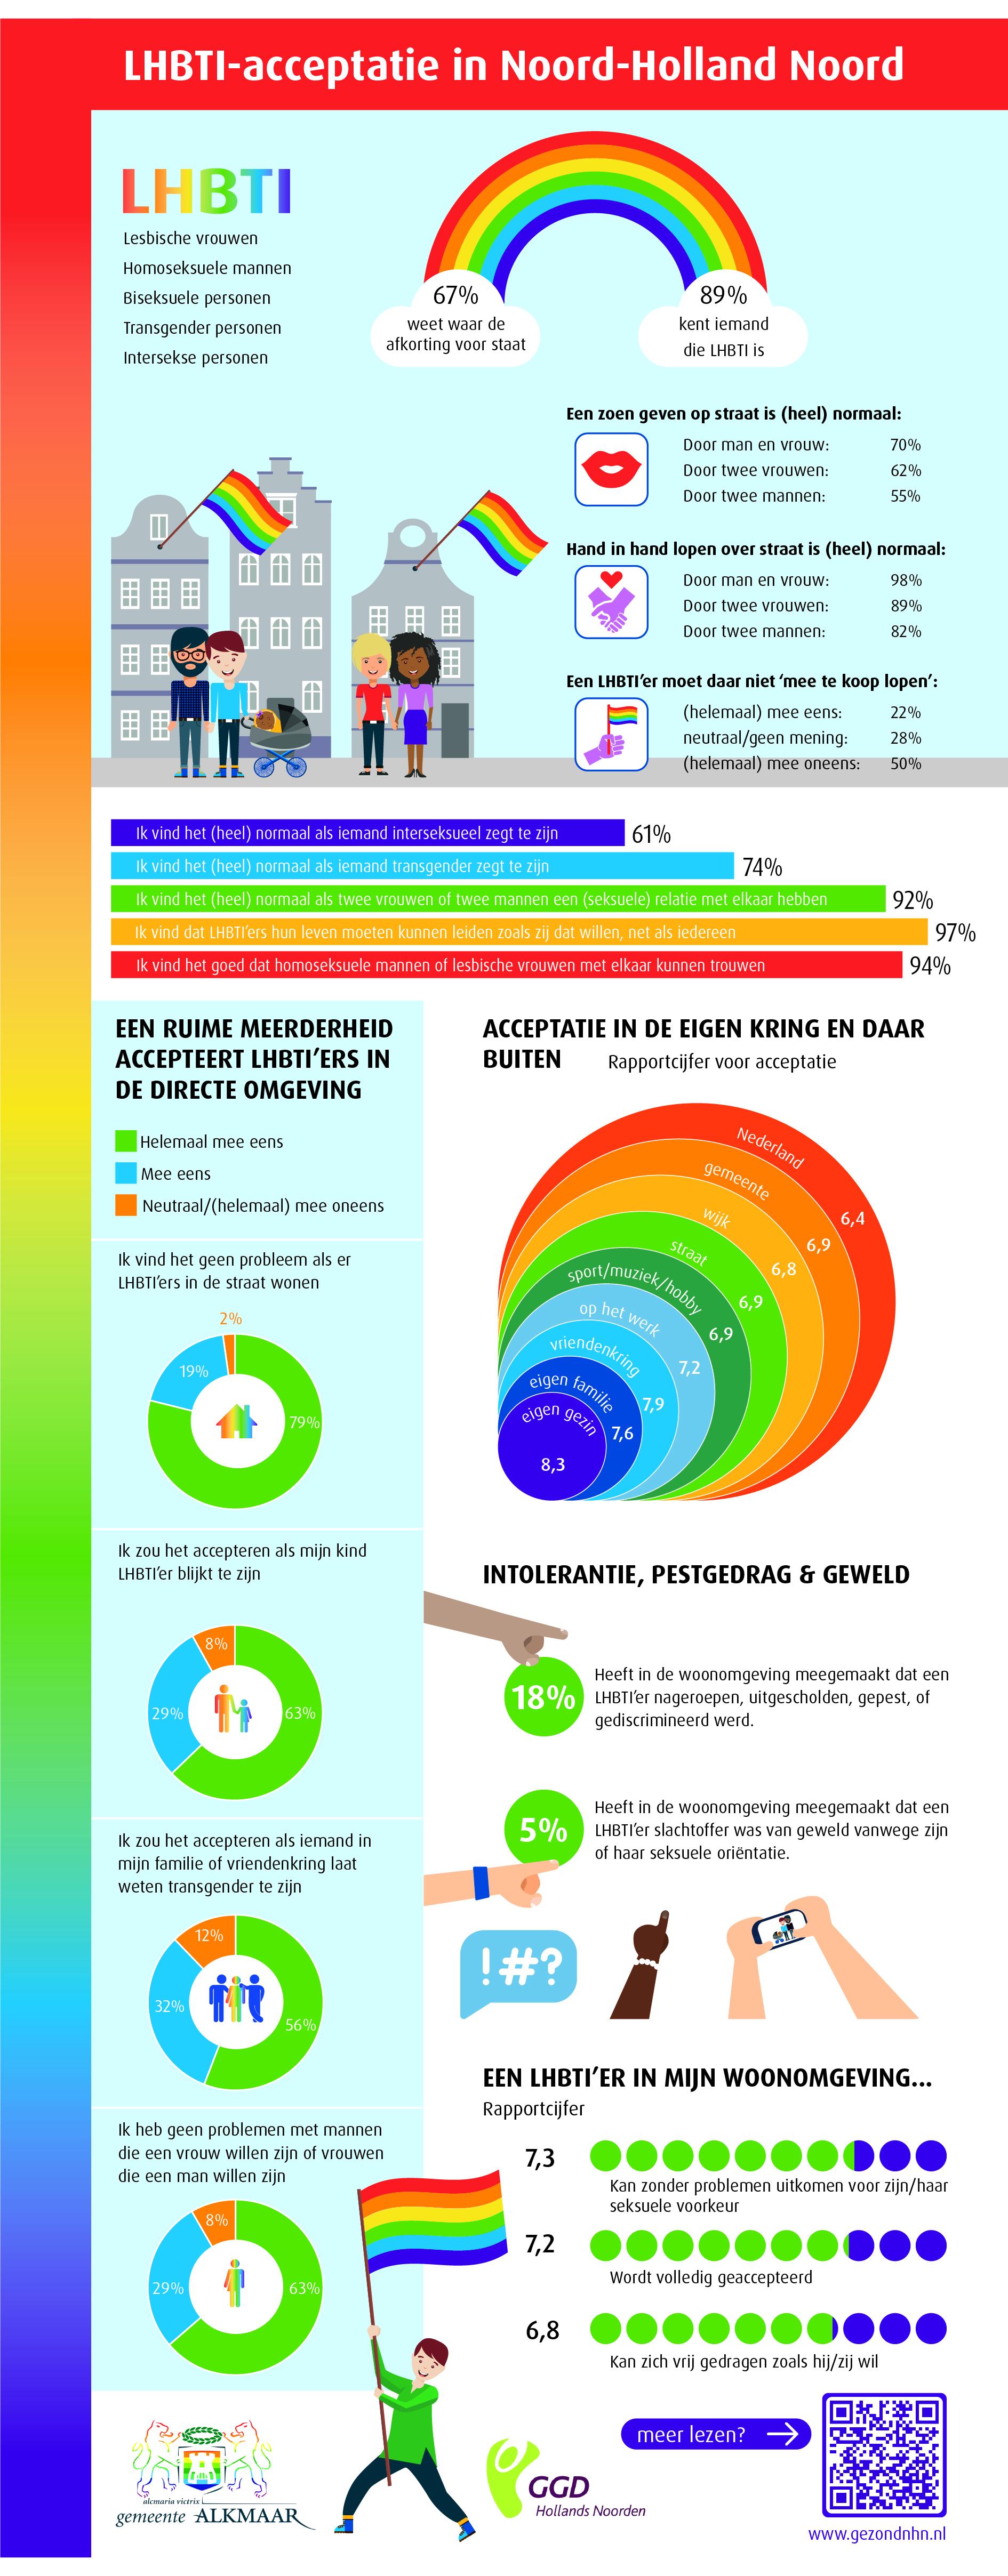 372629 infographic%20lhbti%20def fe0668 original 1607613143